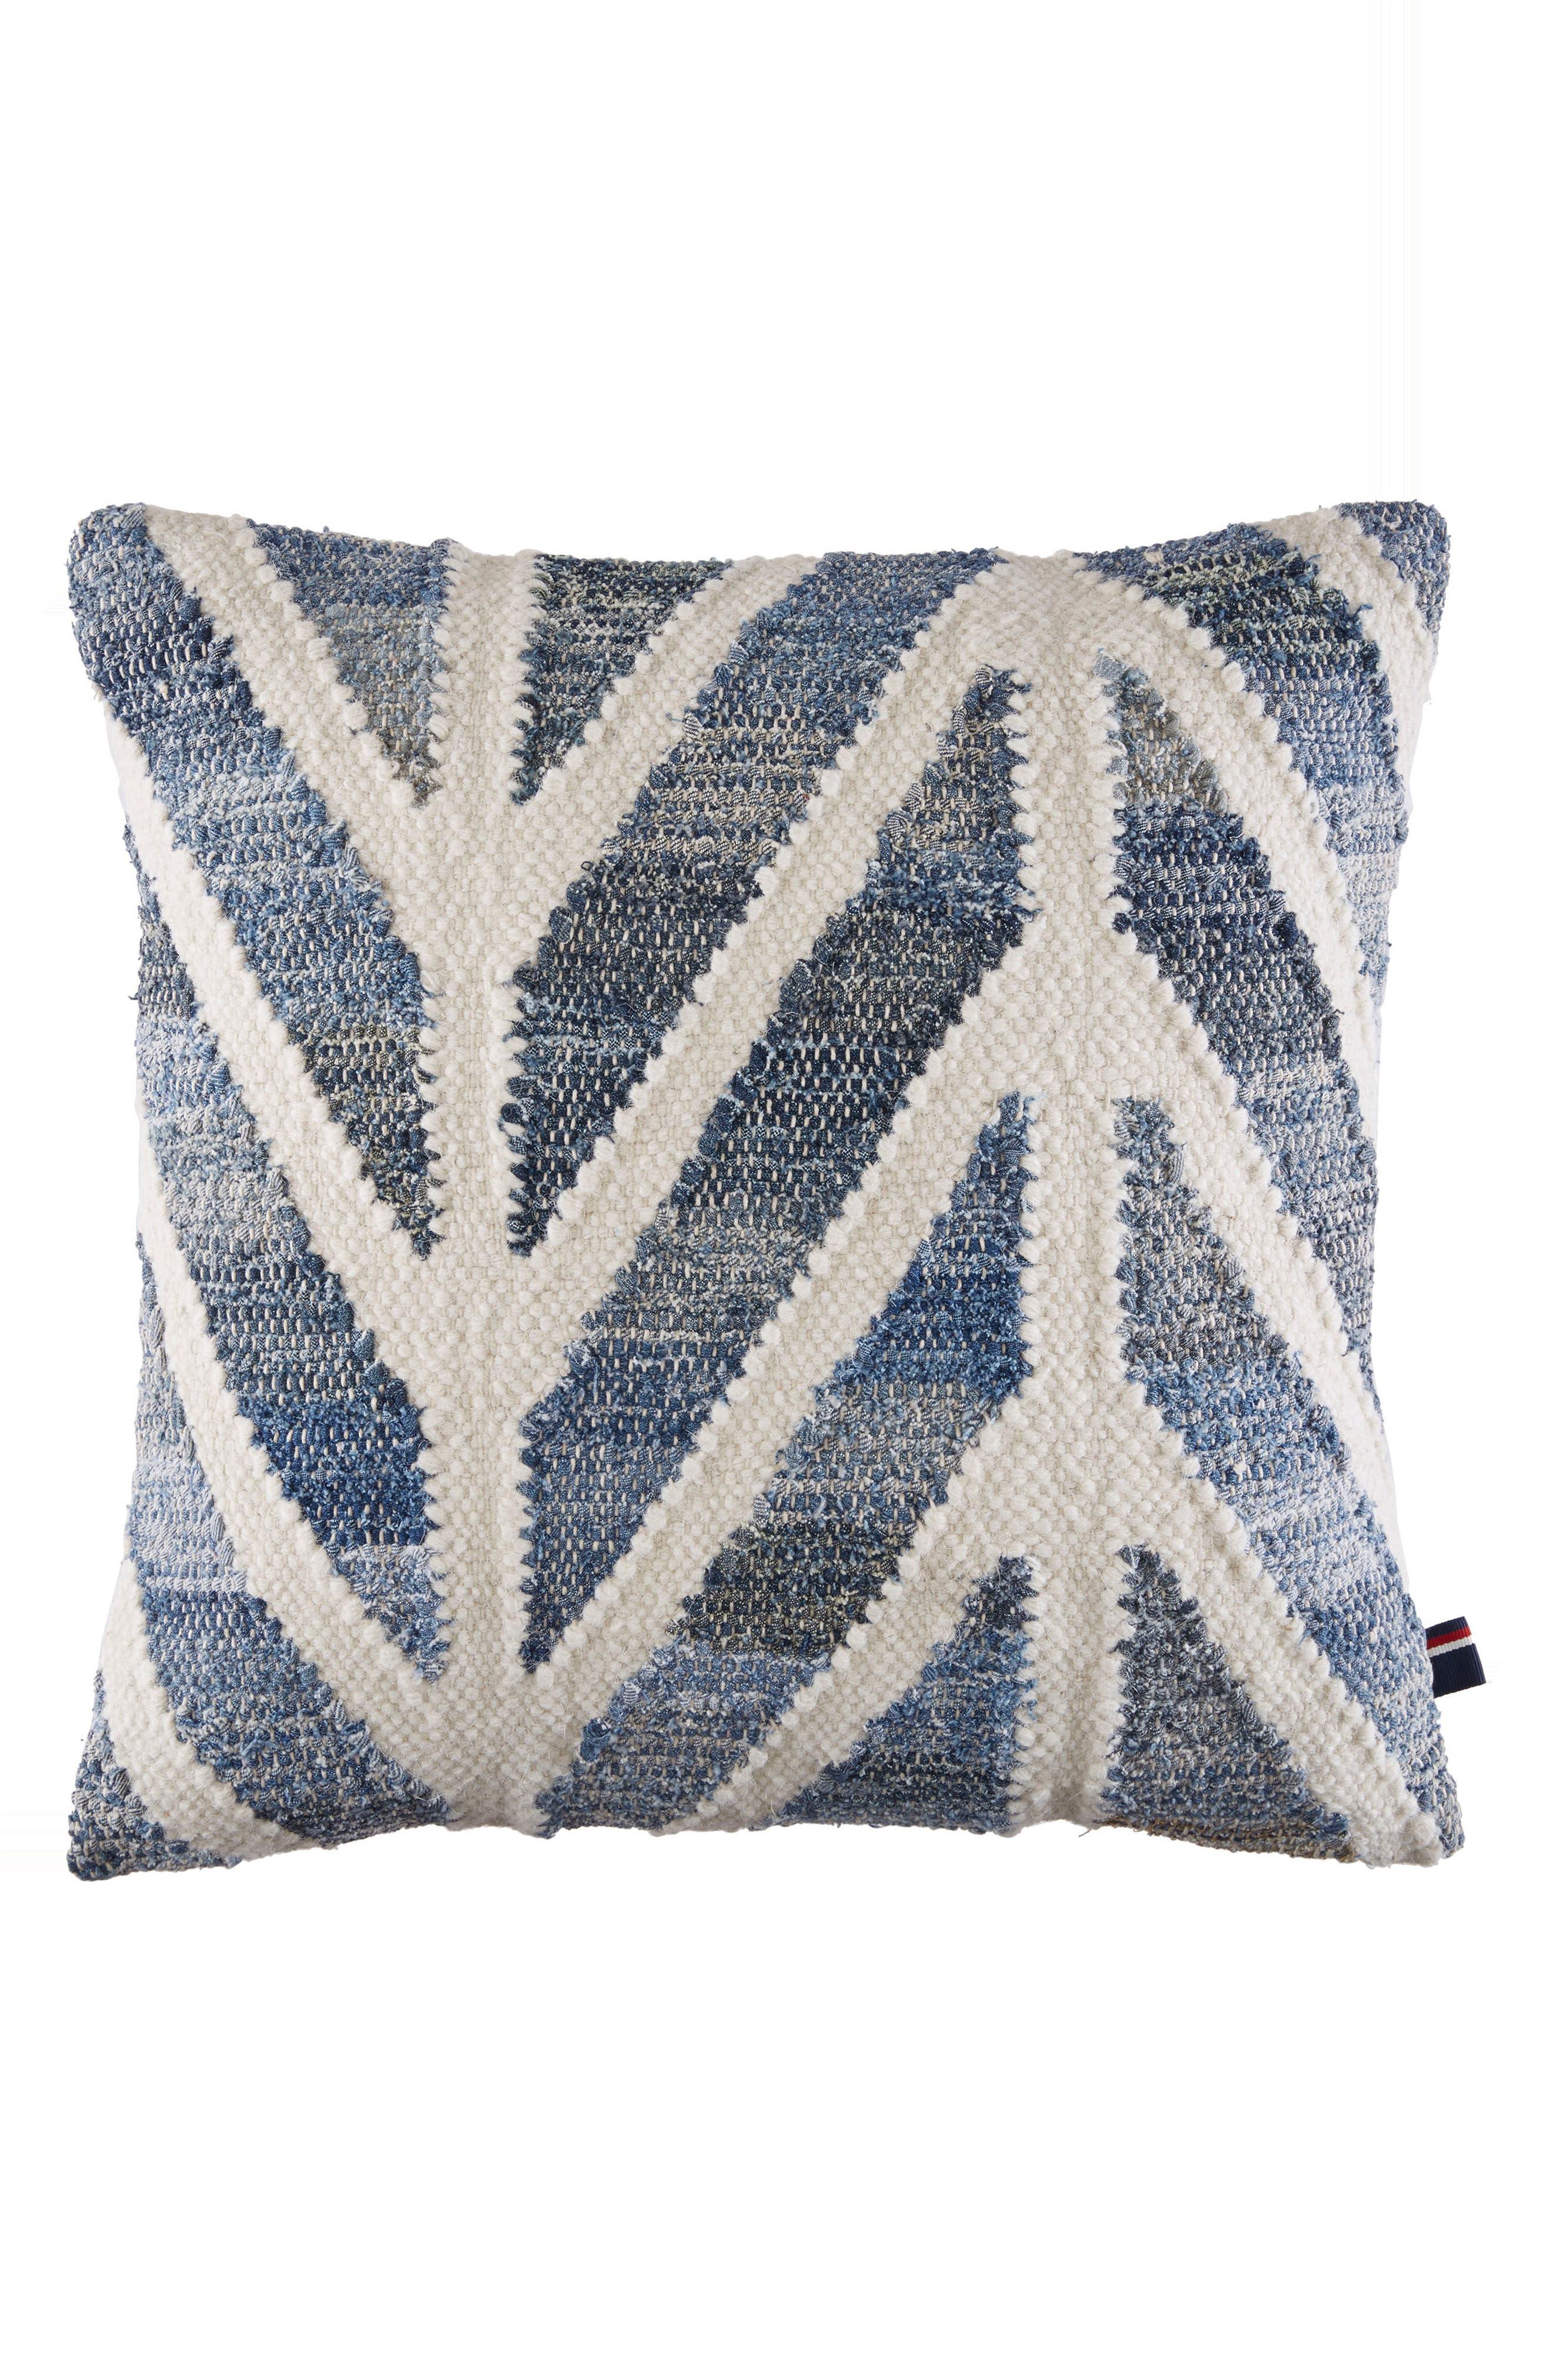 Indigo Chevron Accent Pillow,                             Main thumbnail 1, color,                             Blue/ Cream